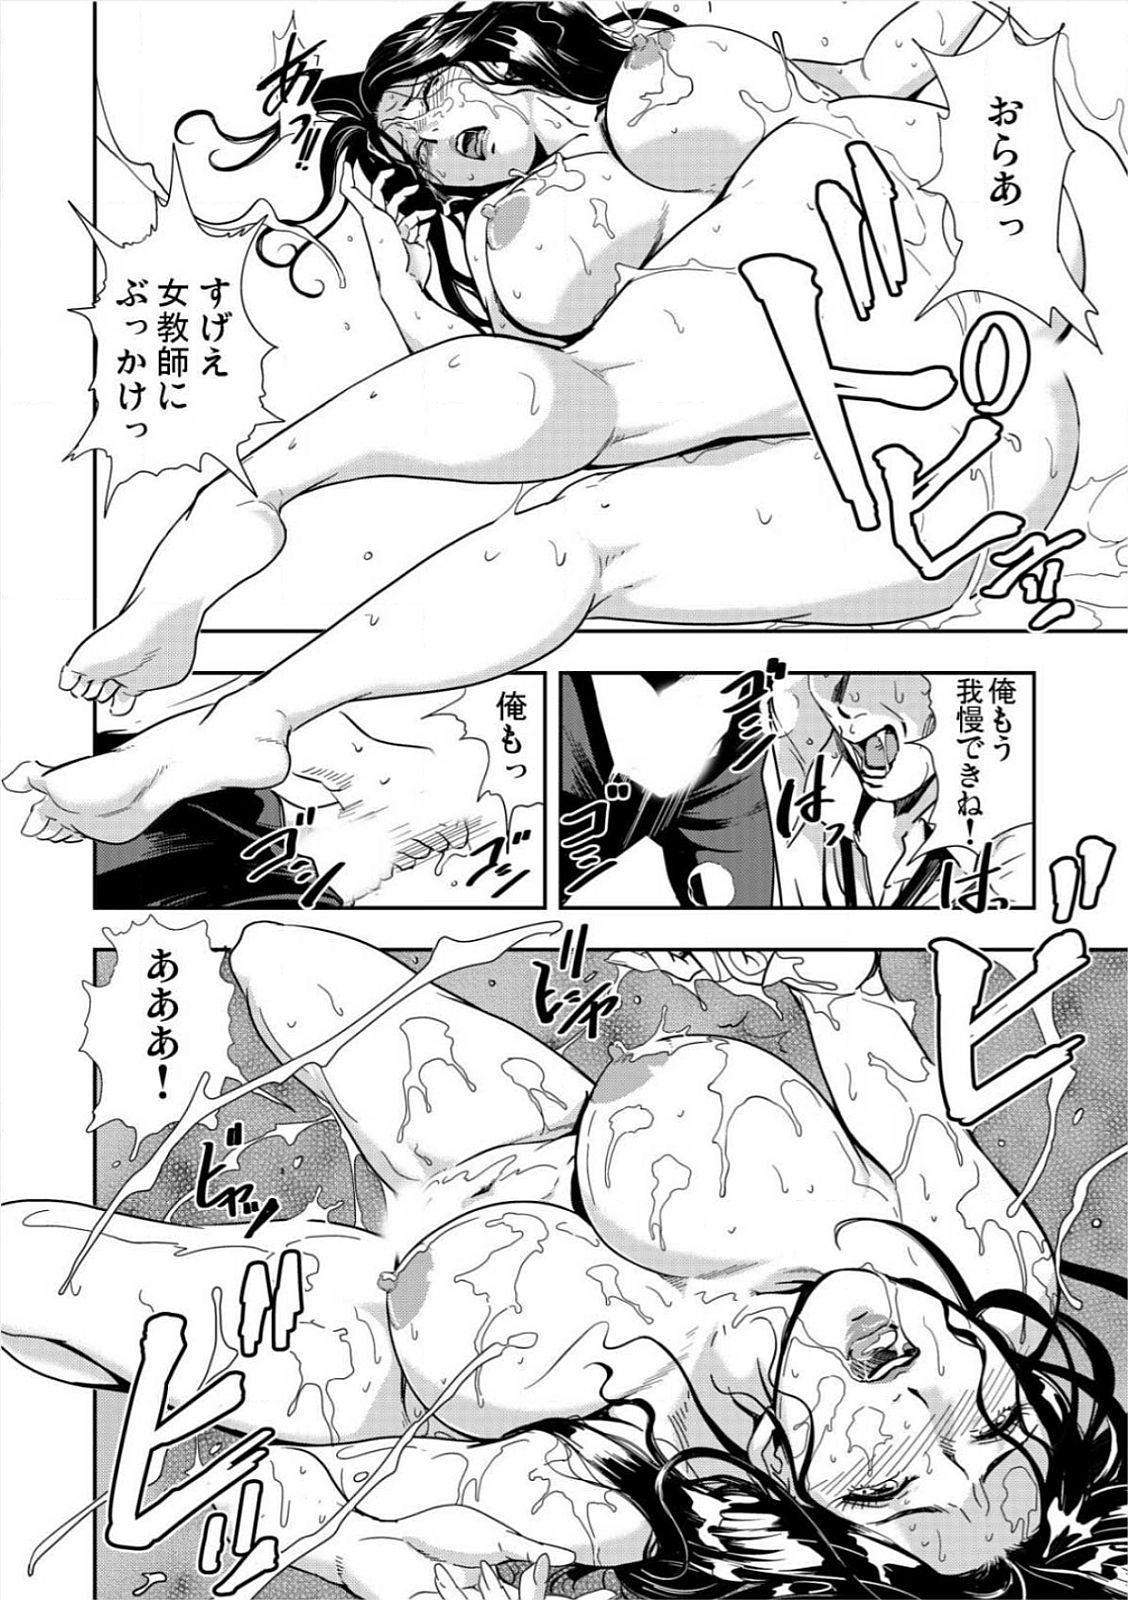 [Misaki Yukihiro] Kyousei Shidou ~Mechakucha ni Kegasarete~ (1)~(6) [Digital] 125